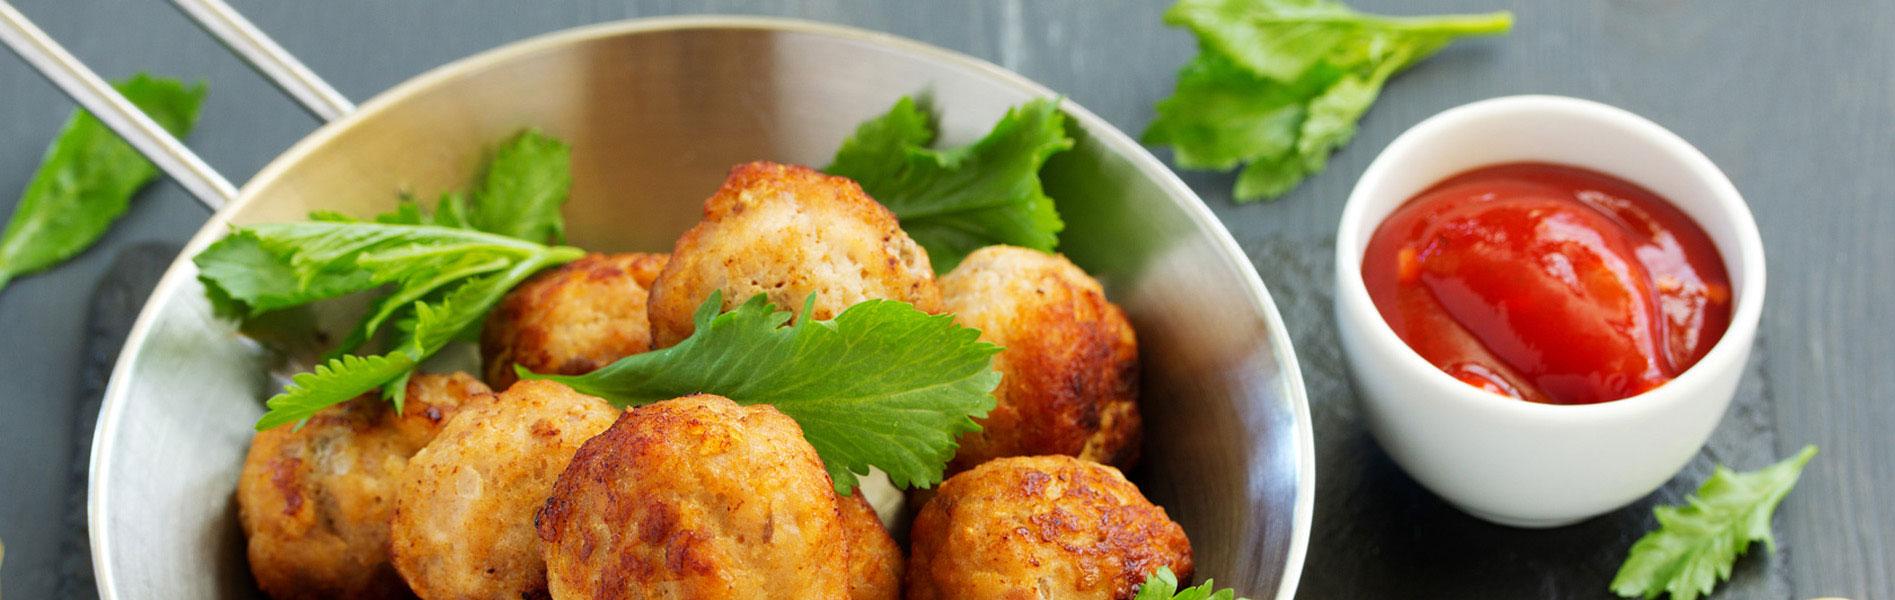 Unikorn Catering München- Orientalisches Fingerfood